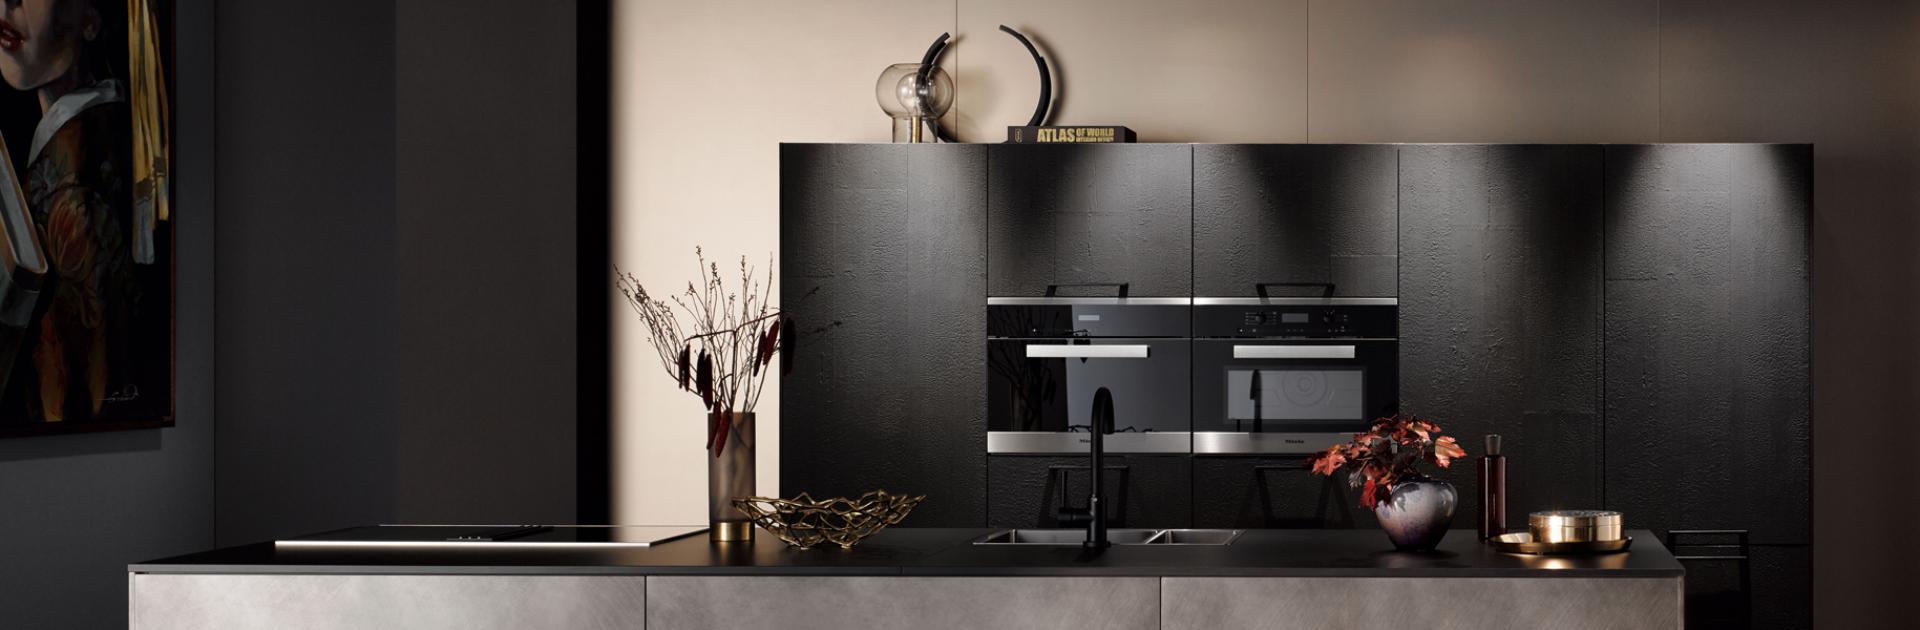 Donkere keuken inspiratie | Satink Keukens